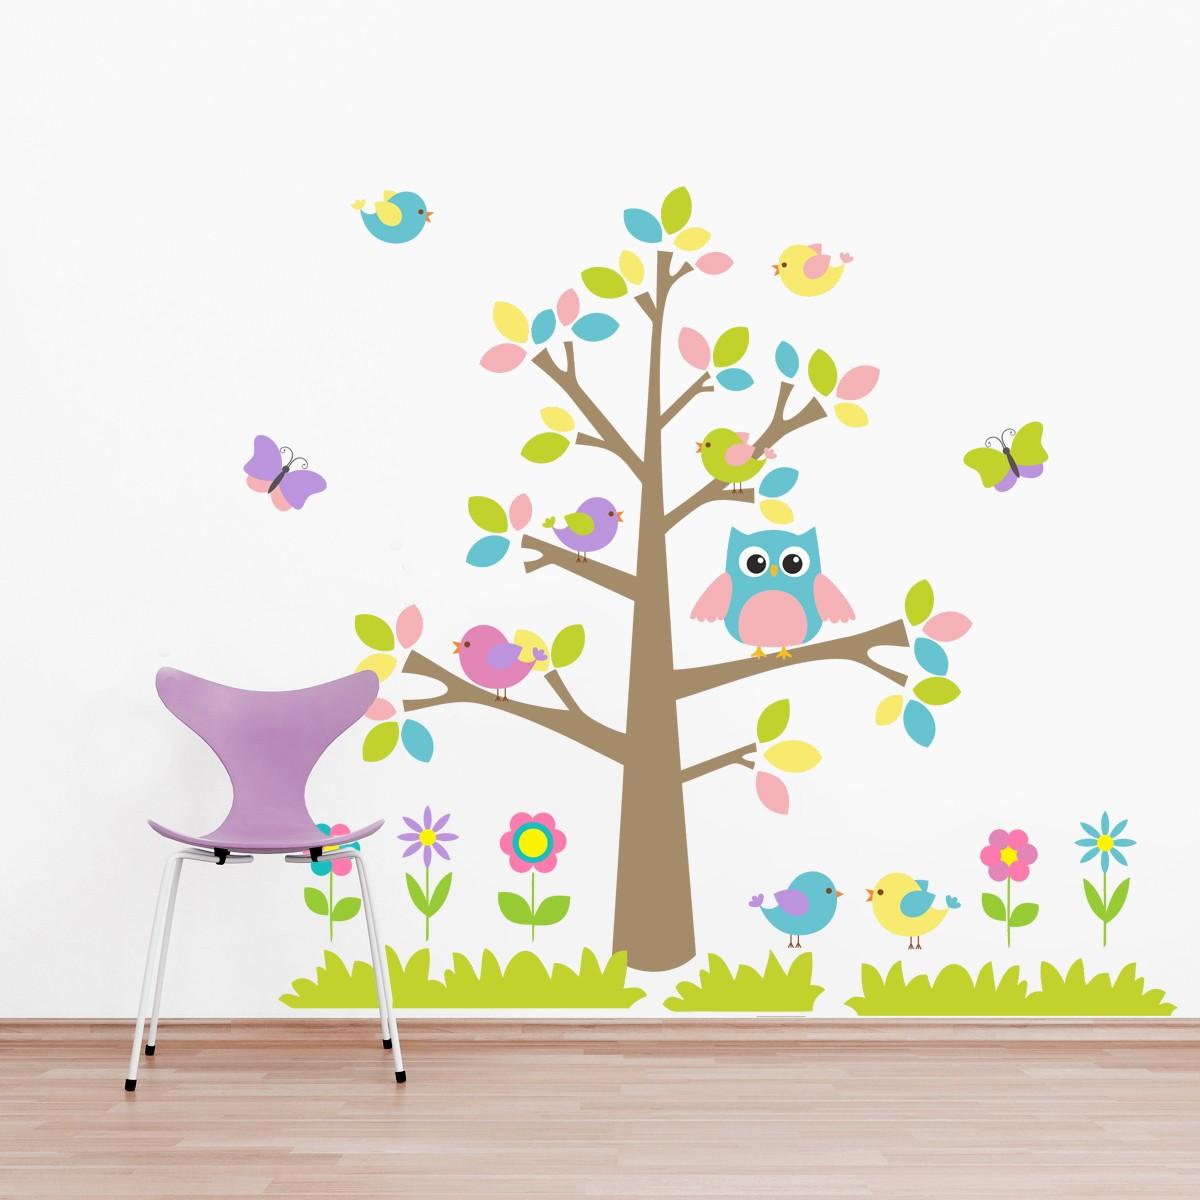 HOUSEDECOR Barevný strom a zvířátka